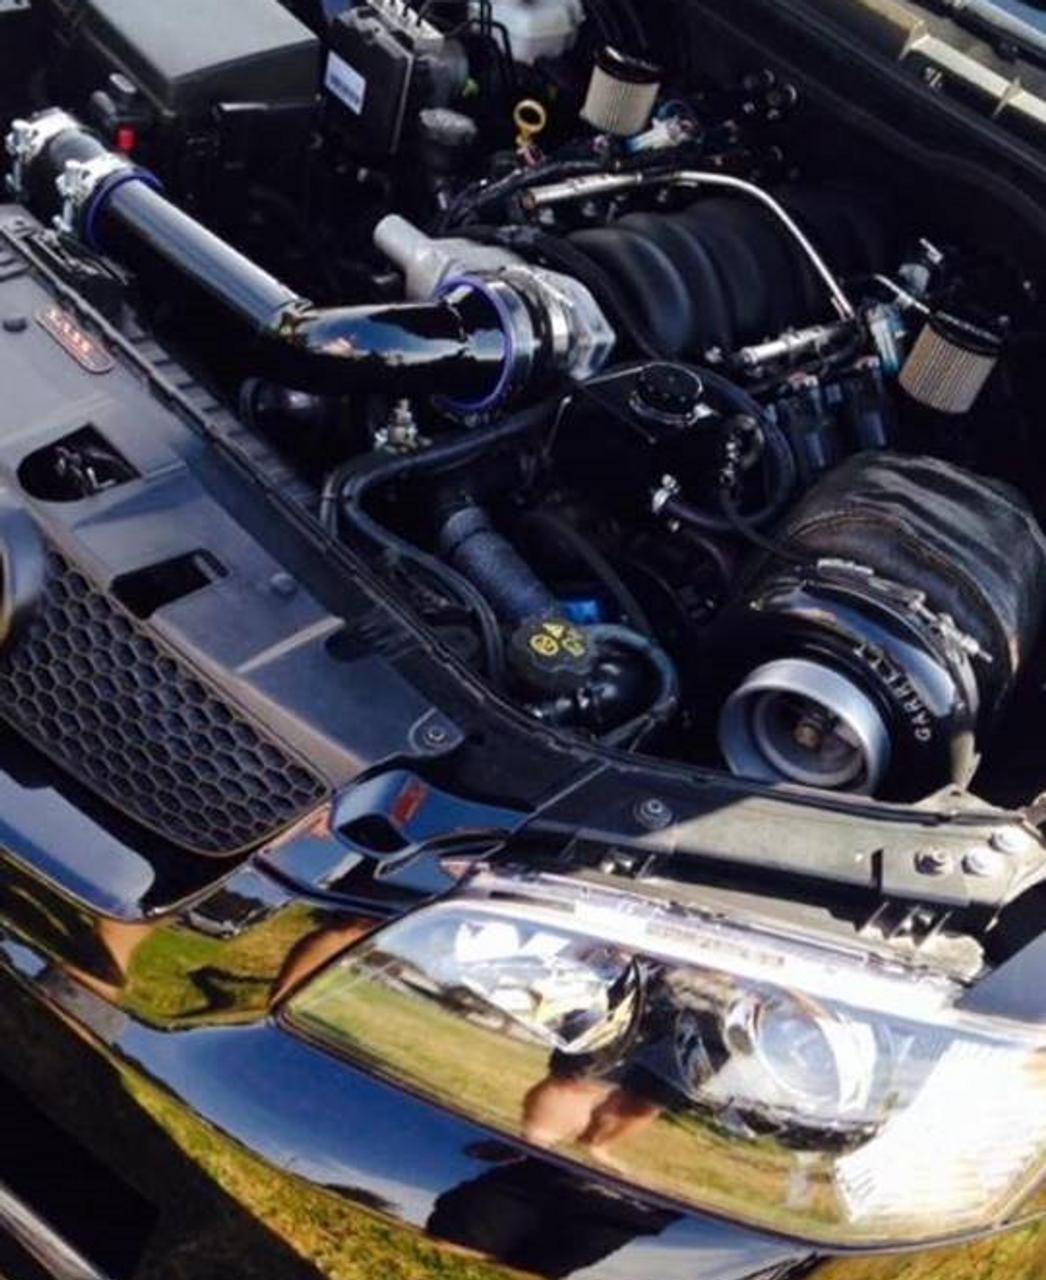 Killaboost S485 Turbo Kit | VF